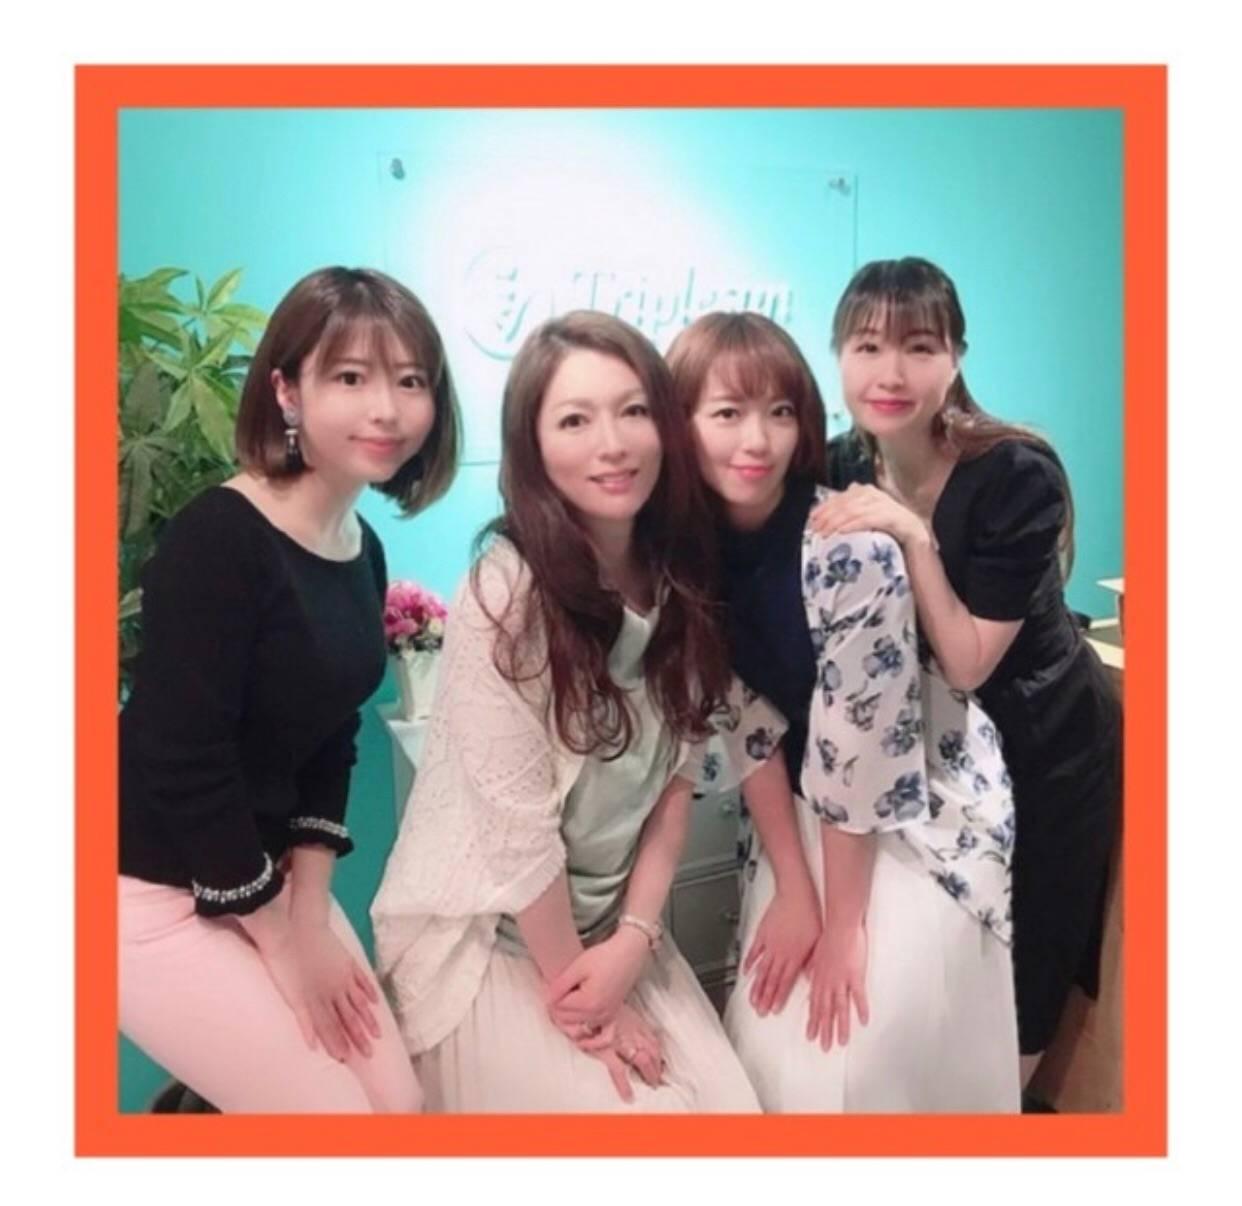 27コスメ銀座(株式会社トリプルサン)